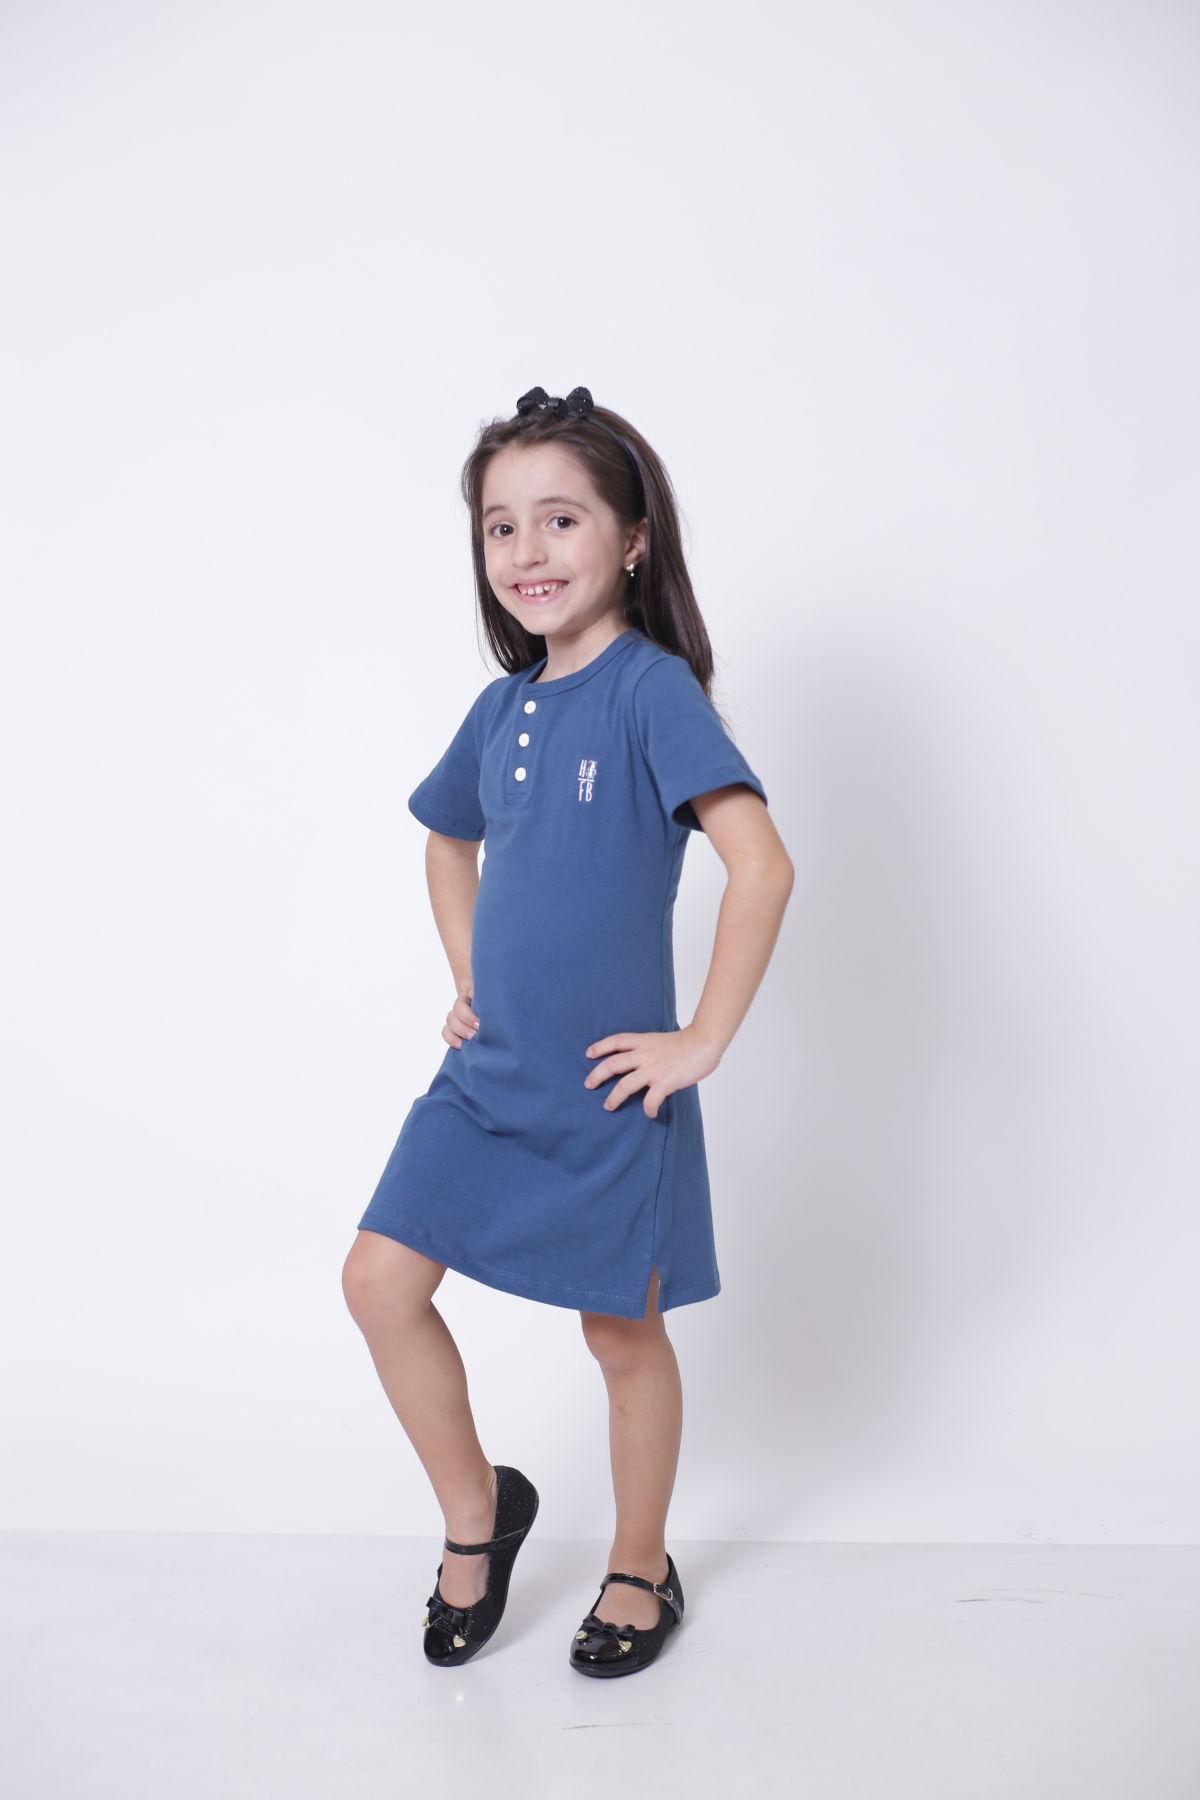 PAIS E FILHA > Kit 3 Peças T-Shirt + Vestidos Henley - Azul Petróleo [Coleção Família]  - Heitor Fashion Brazil